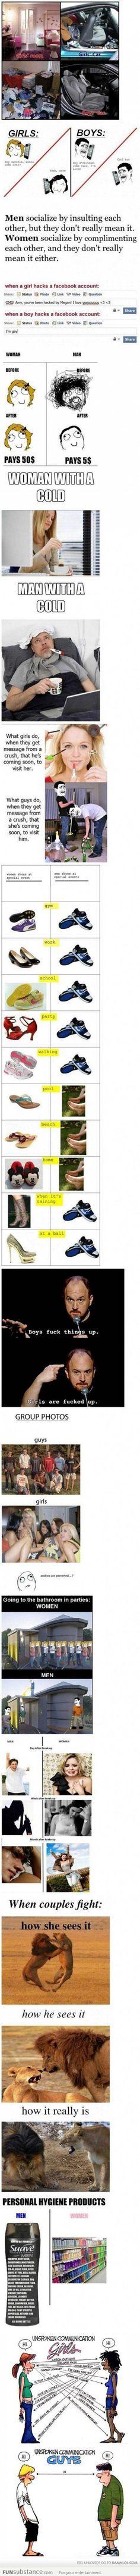 Guys vs girls. Lol